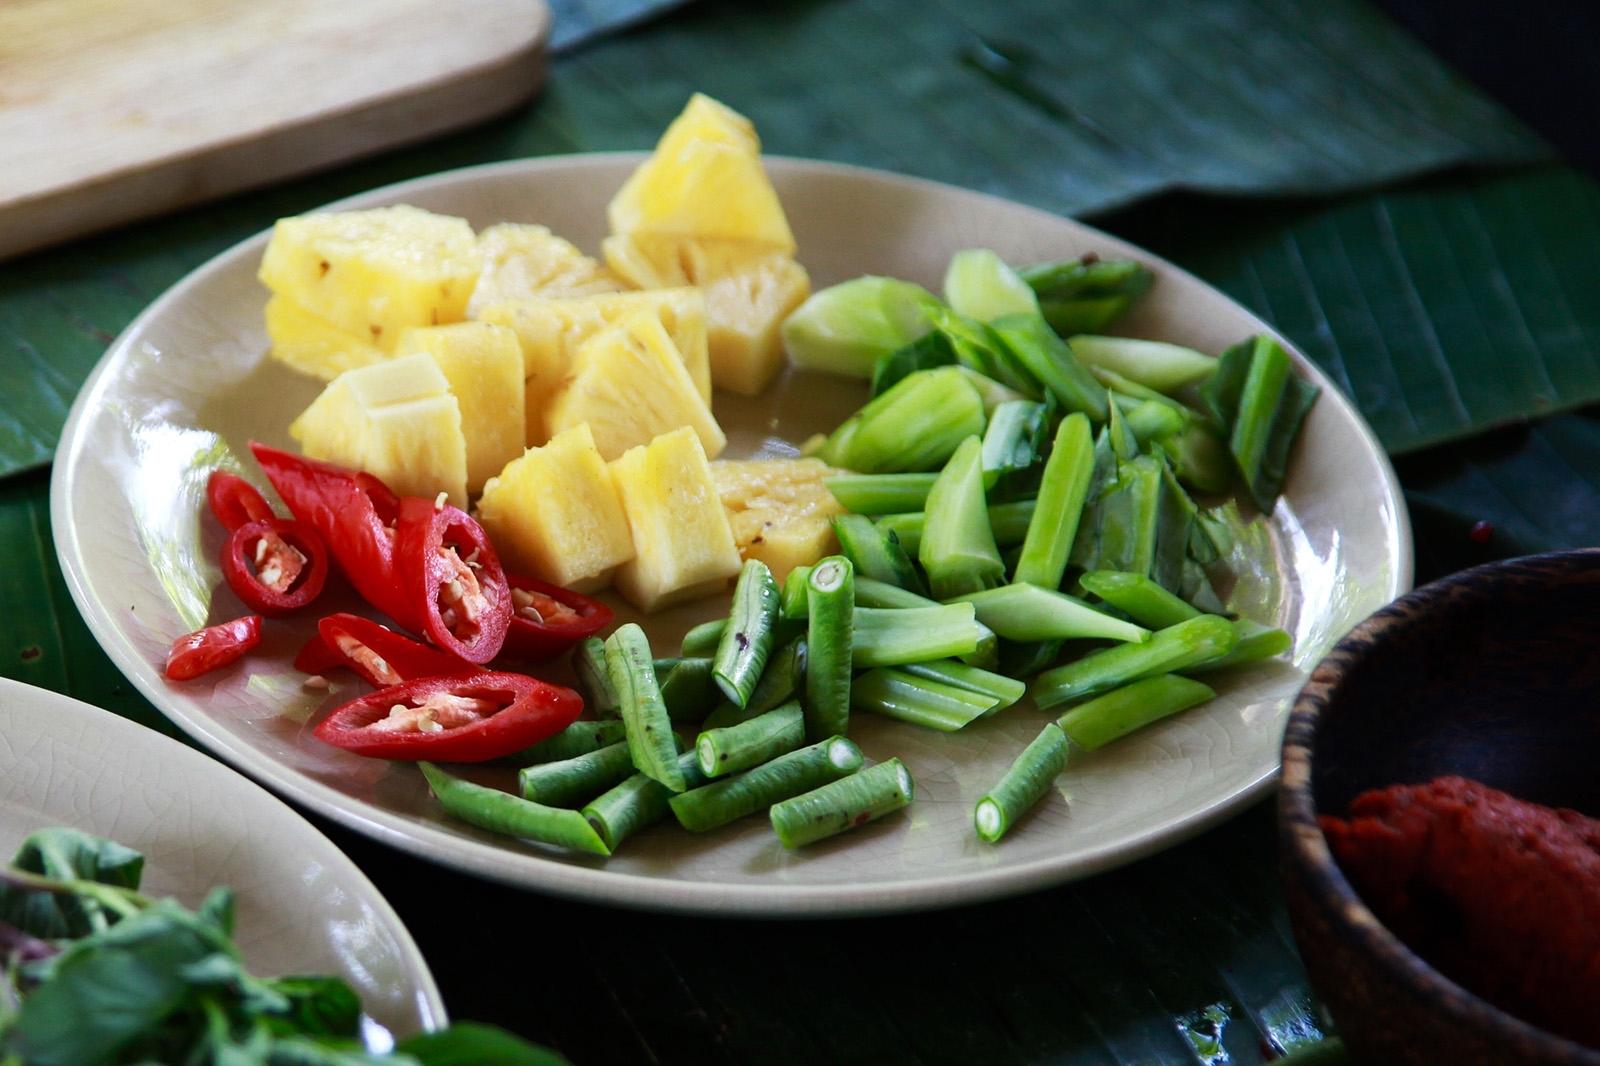 Nezbytné suroviny na červené kari/ pasta, ananas, kadeřávek, fazolky a chilli paprička